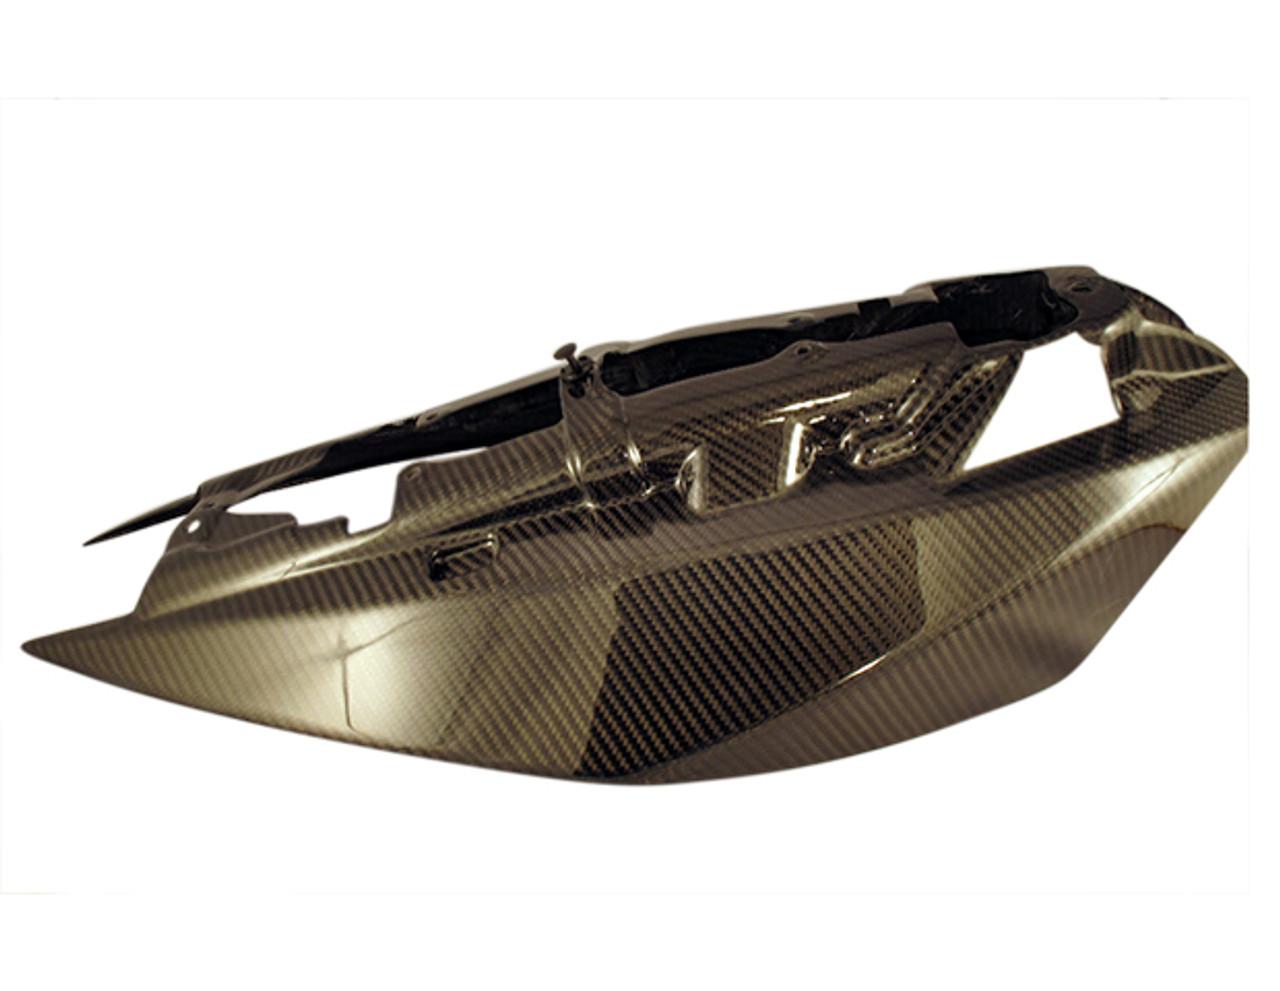 Glossy Twill Weave Carbon Fiber Tail Side Fairings for KTM Superduke / R 990 2004 - 2013